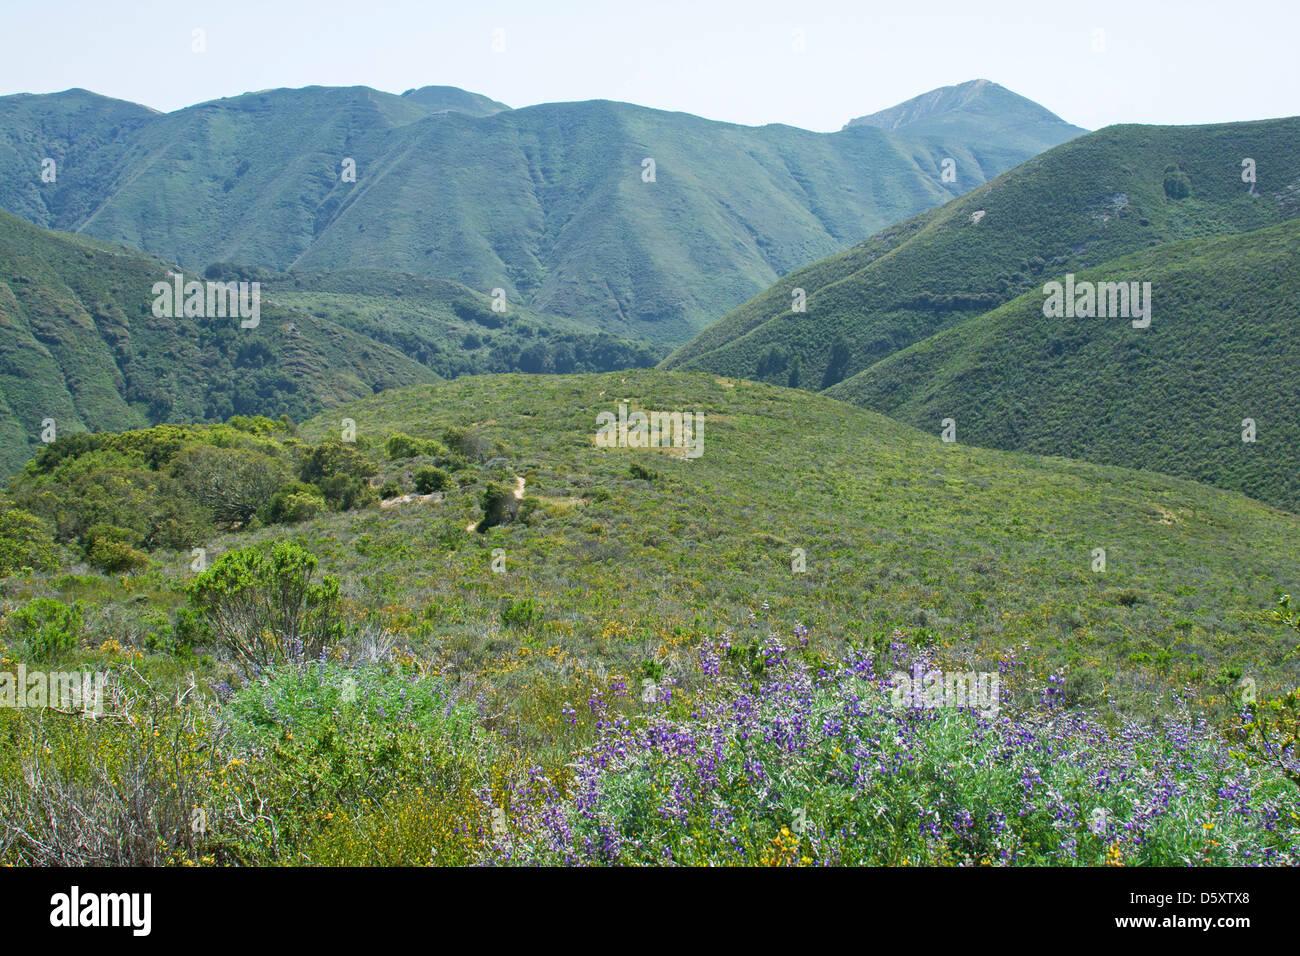 La montaña de Oro State Park, San Luis Obispo, California, EE.UU. Imagen De Stock